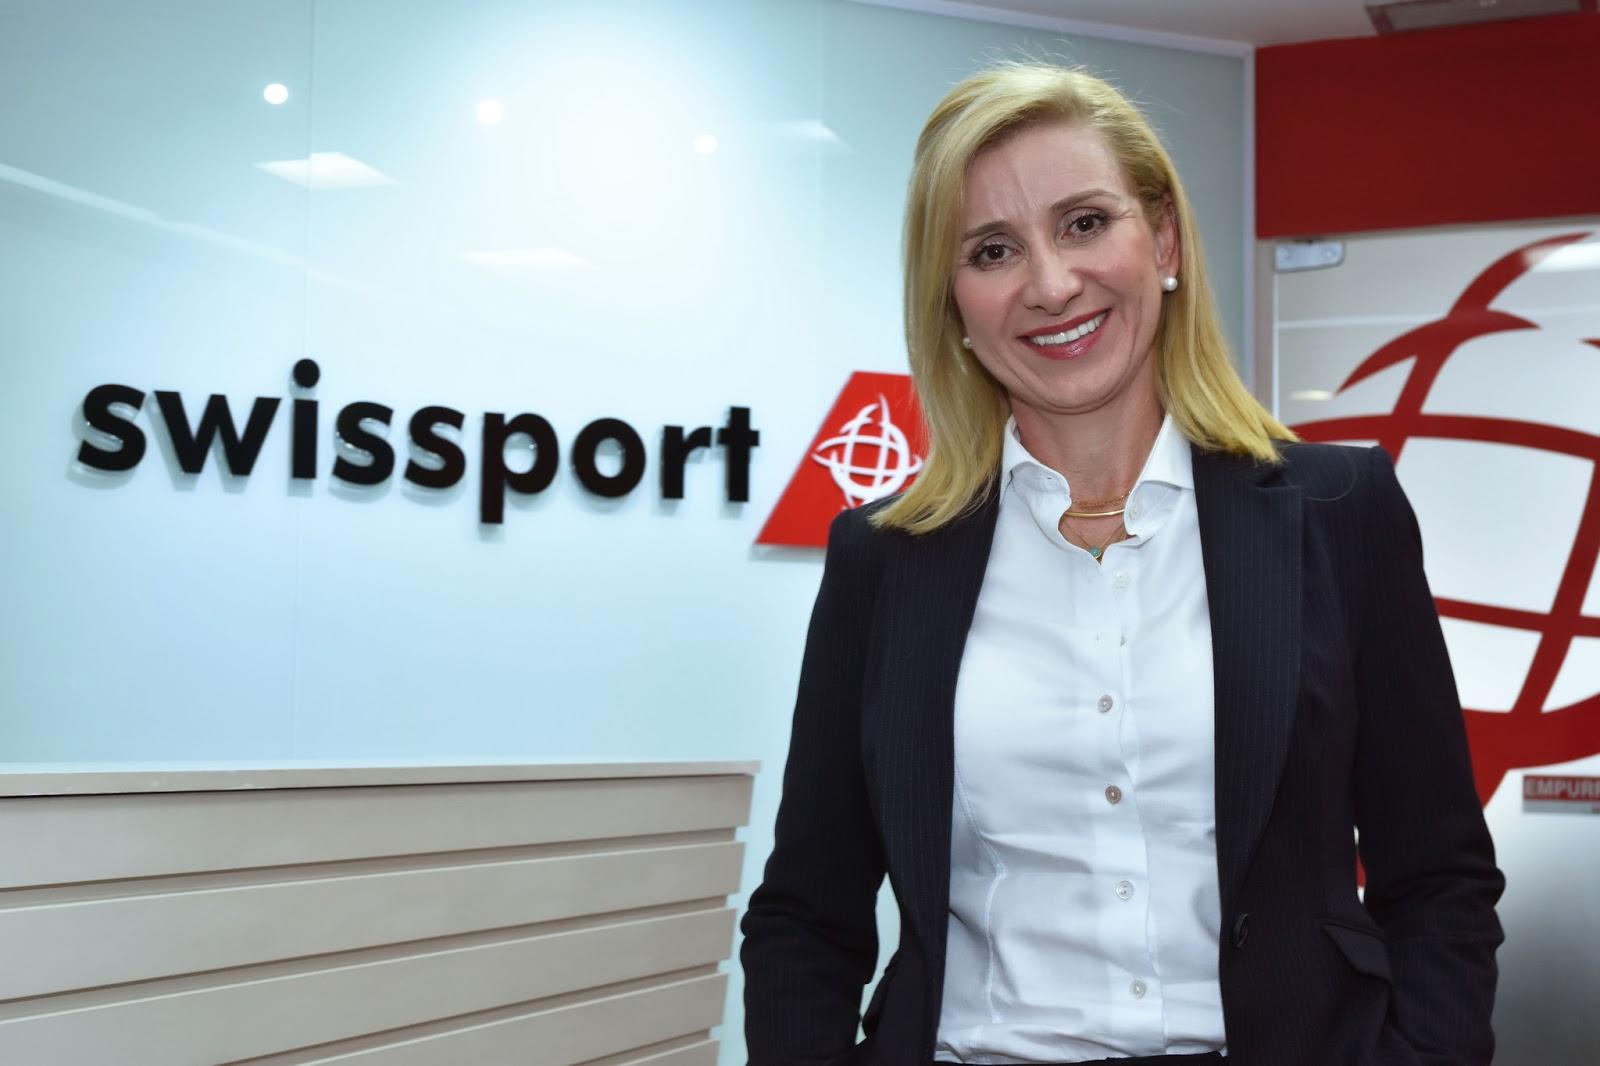 Swissport em Congonhas recebe prêmio mundial por projeto na área de Safety | É MAIS QUE VOAR